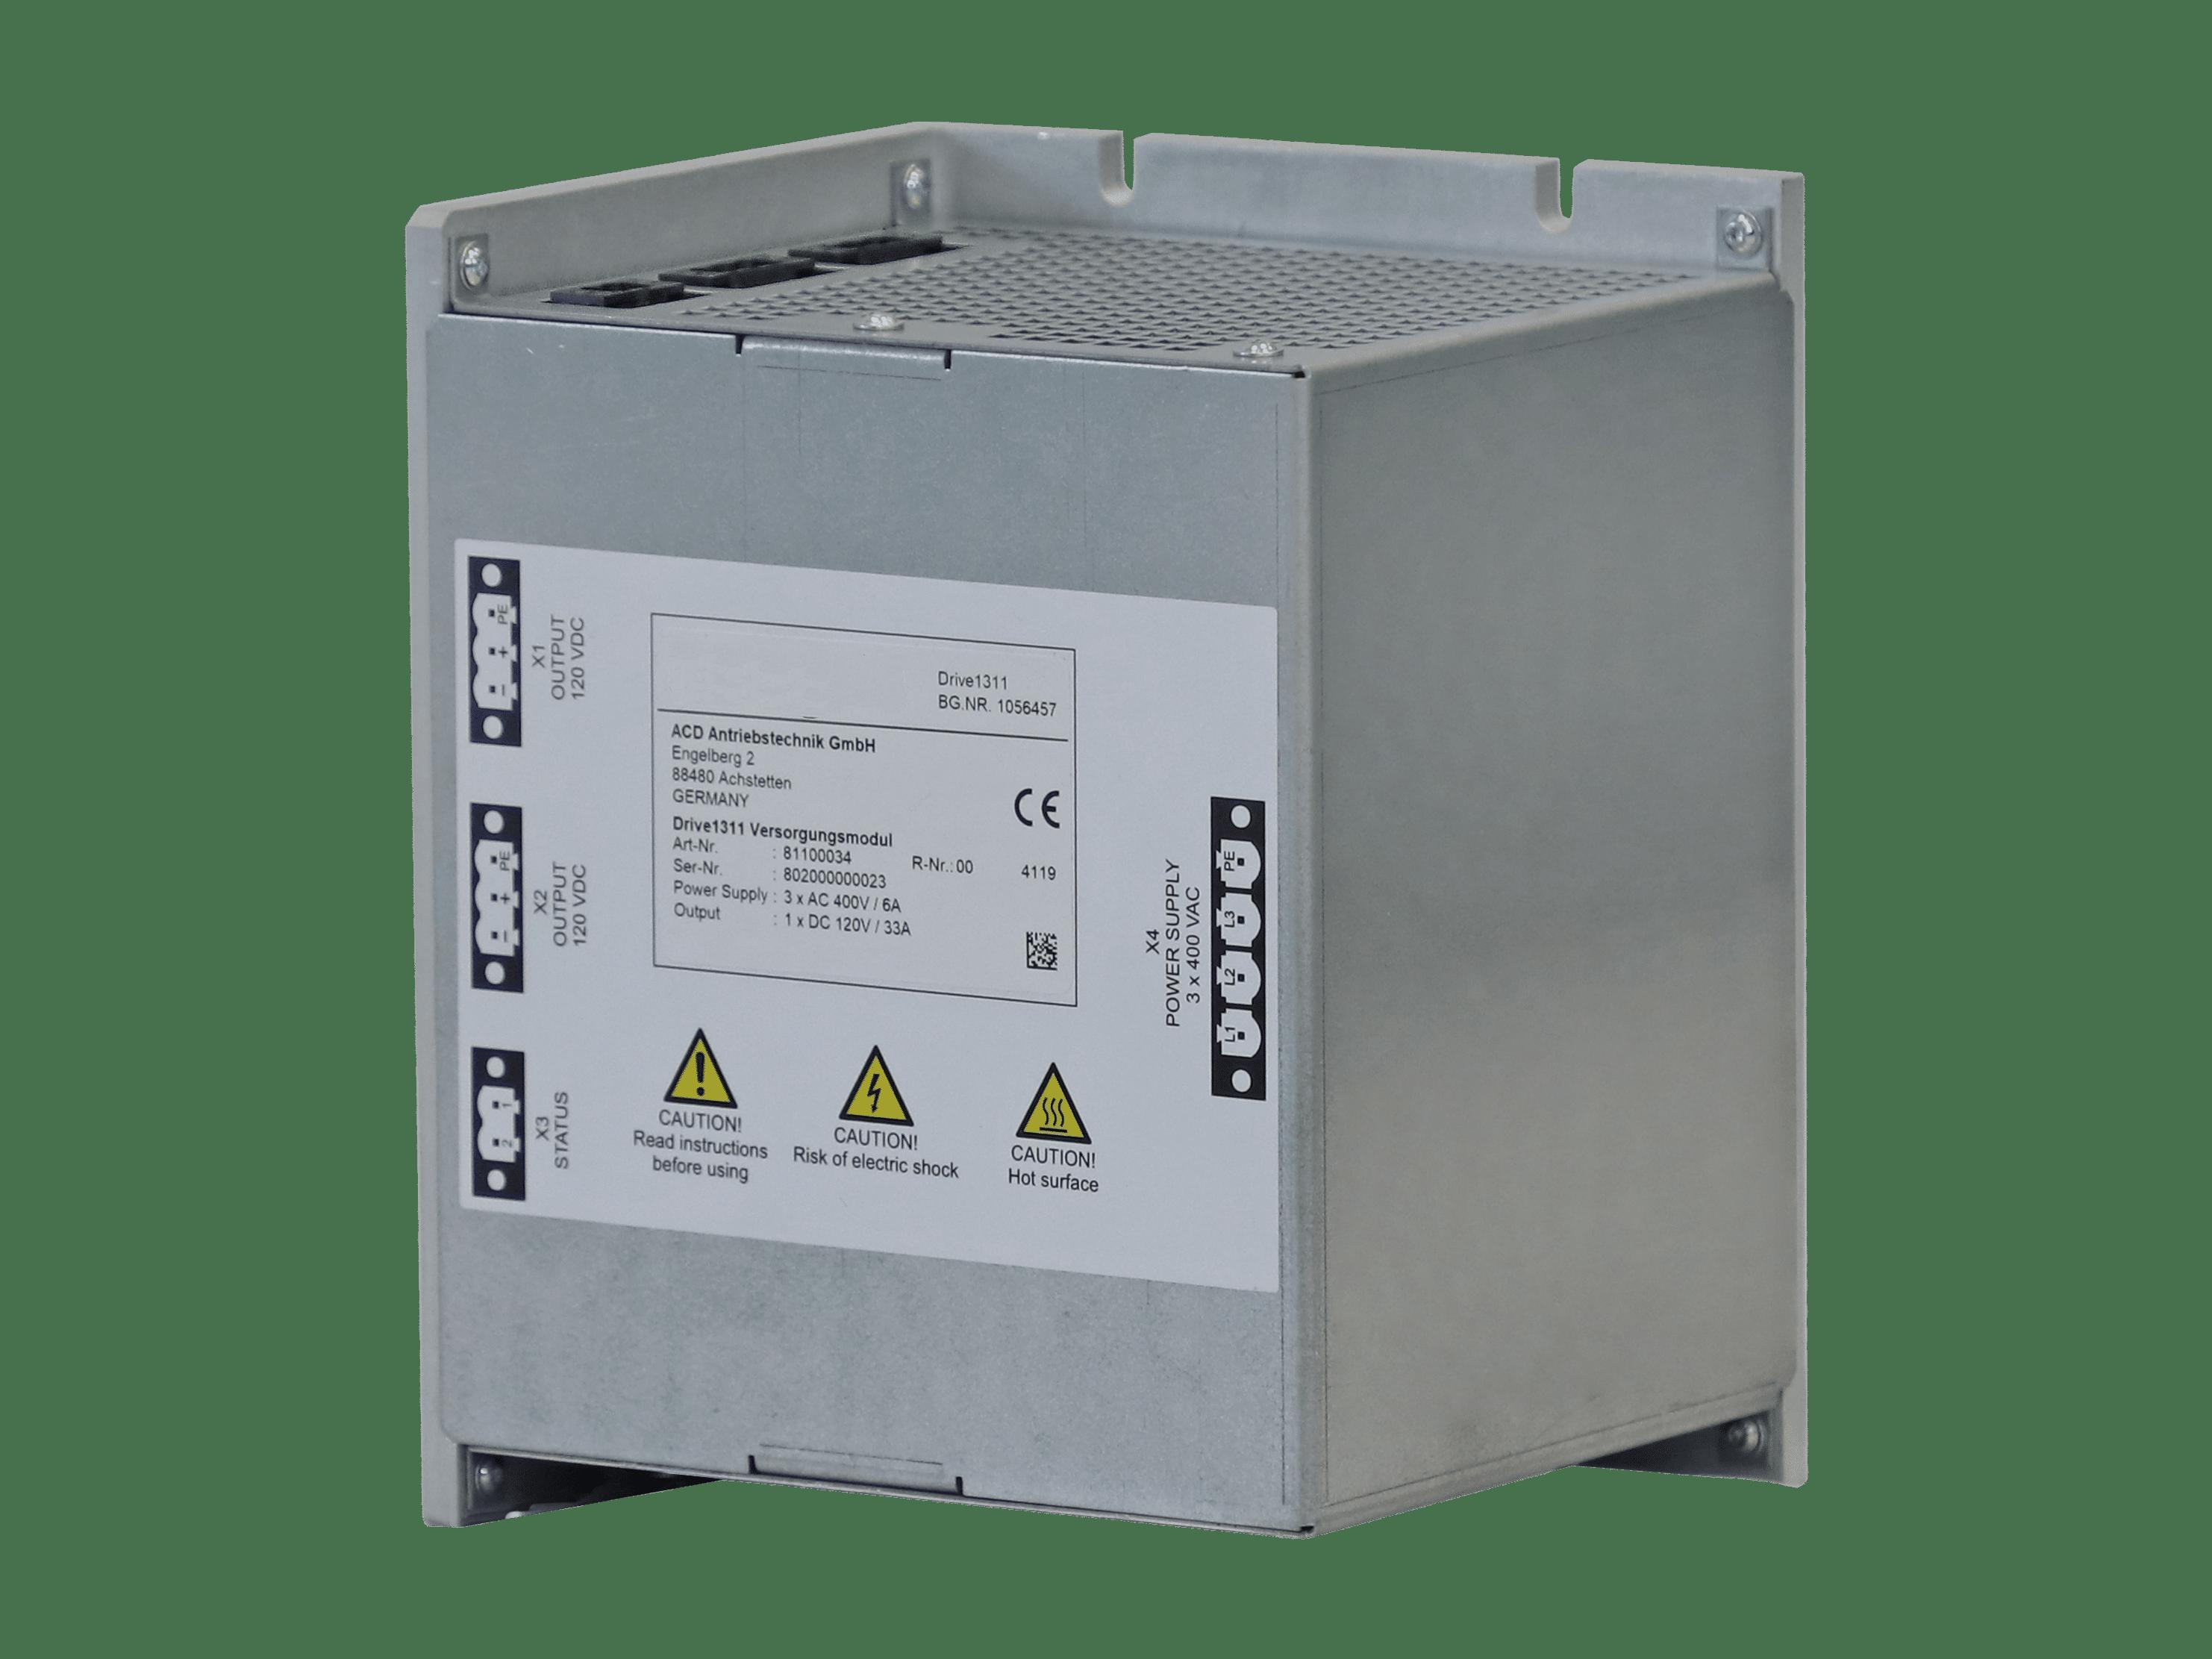 Power supply 120 V DC